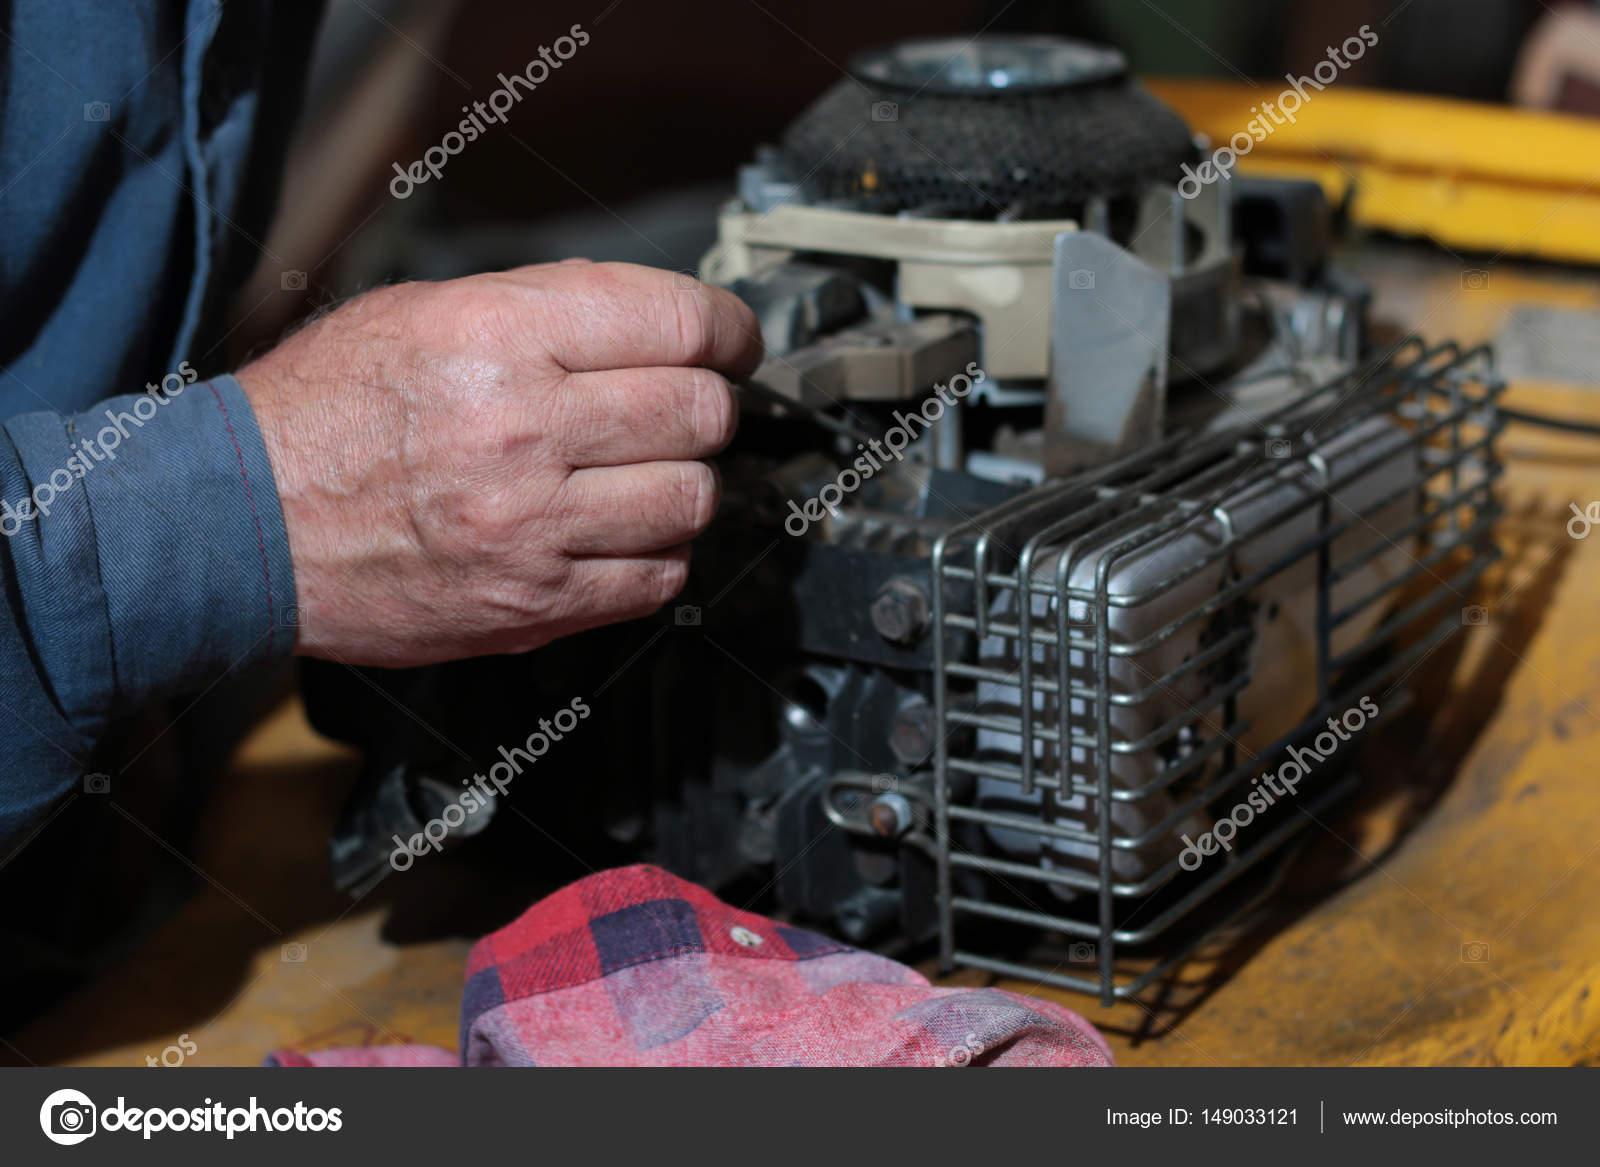 Çim biçme makinesi kendi elleriyle nasıl kullanılır